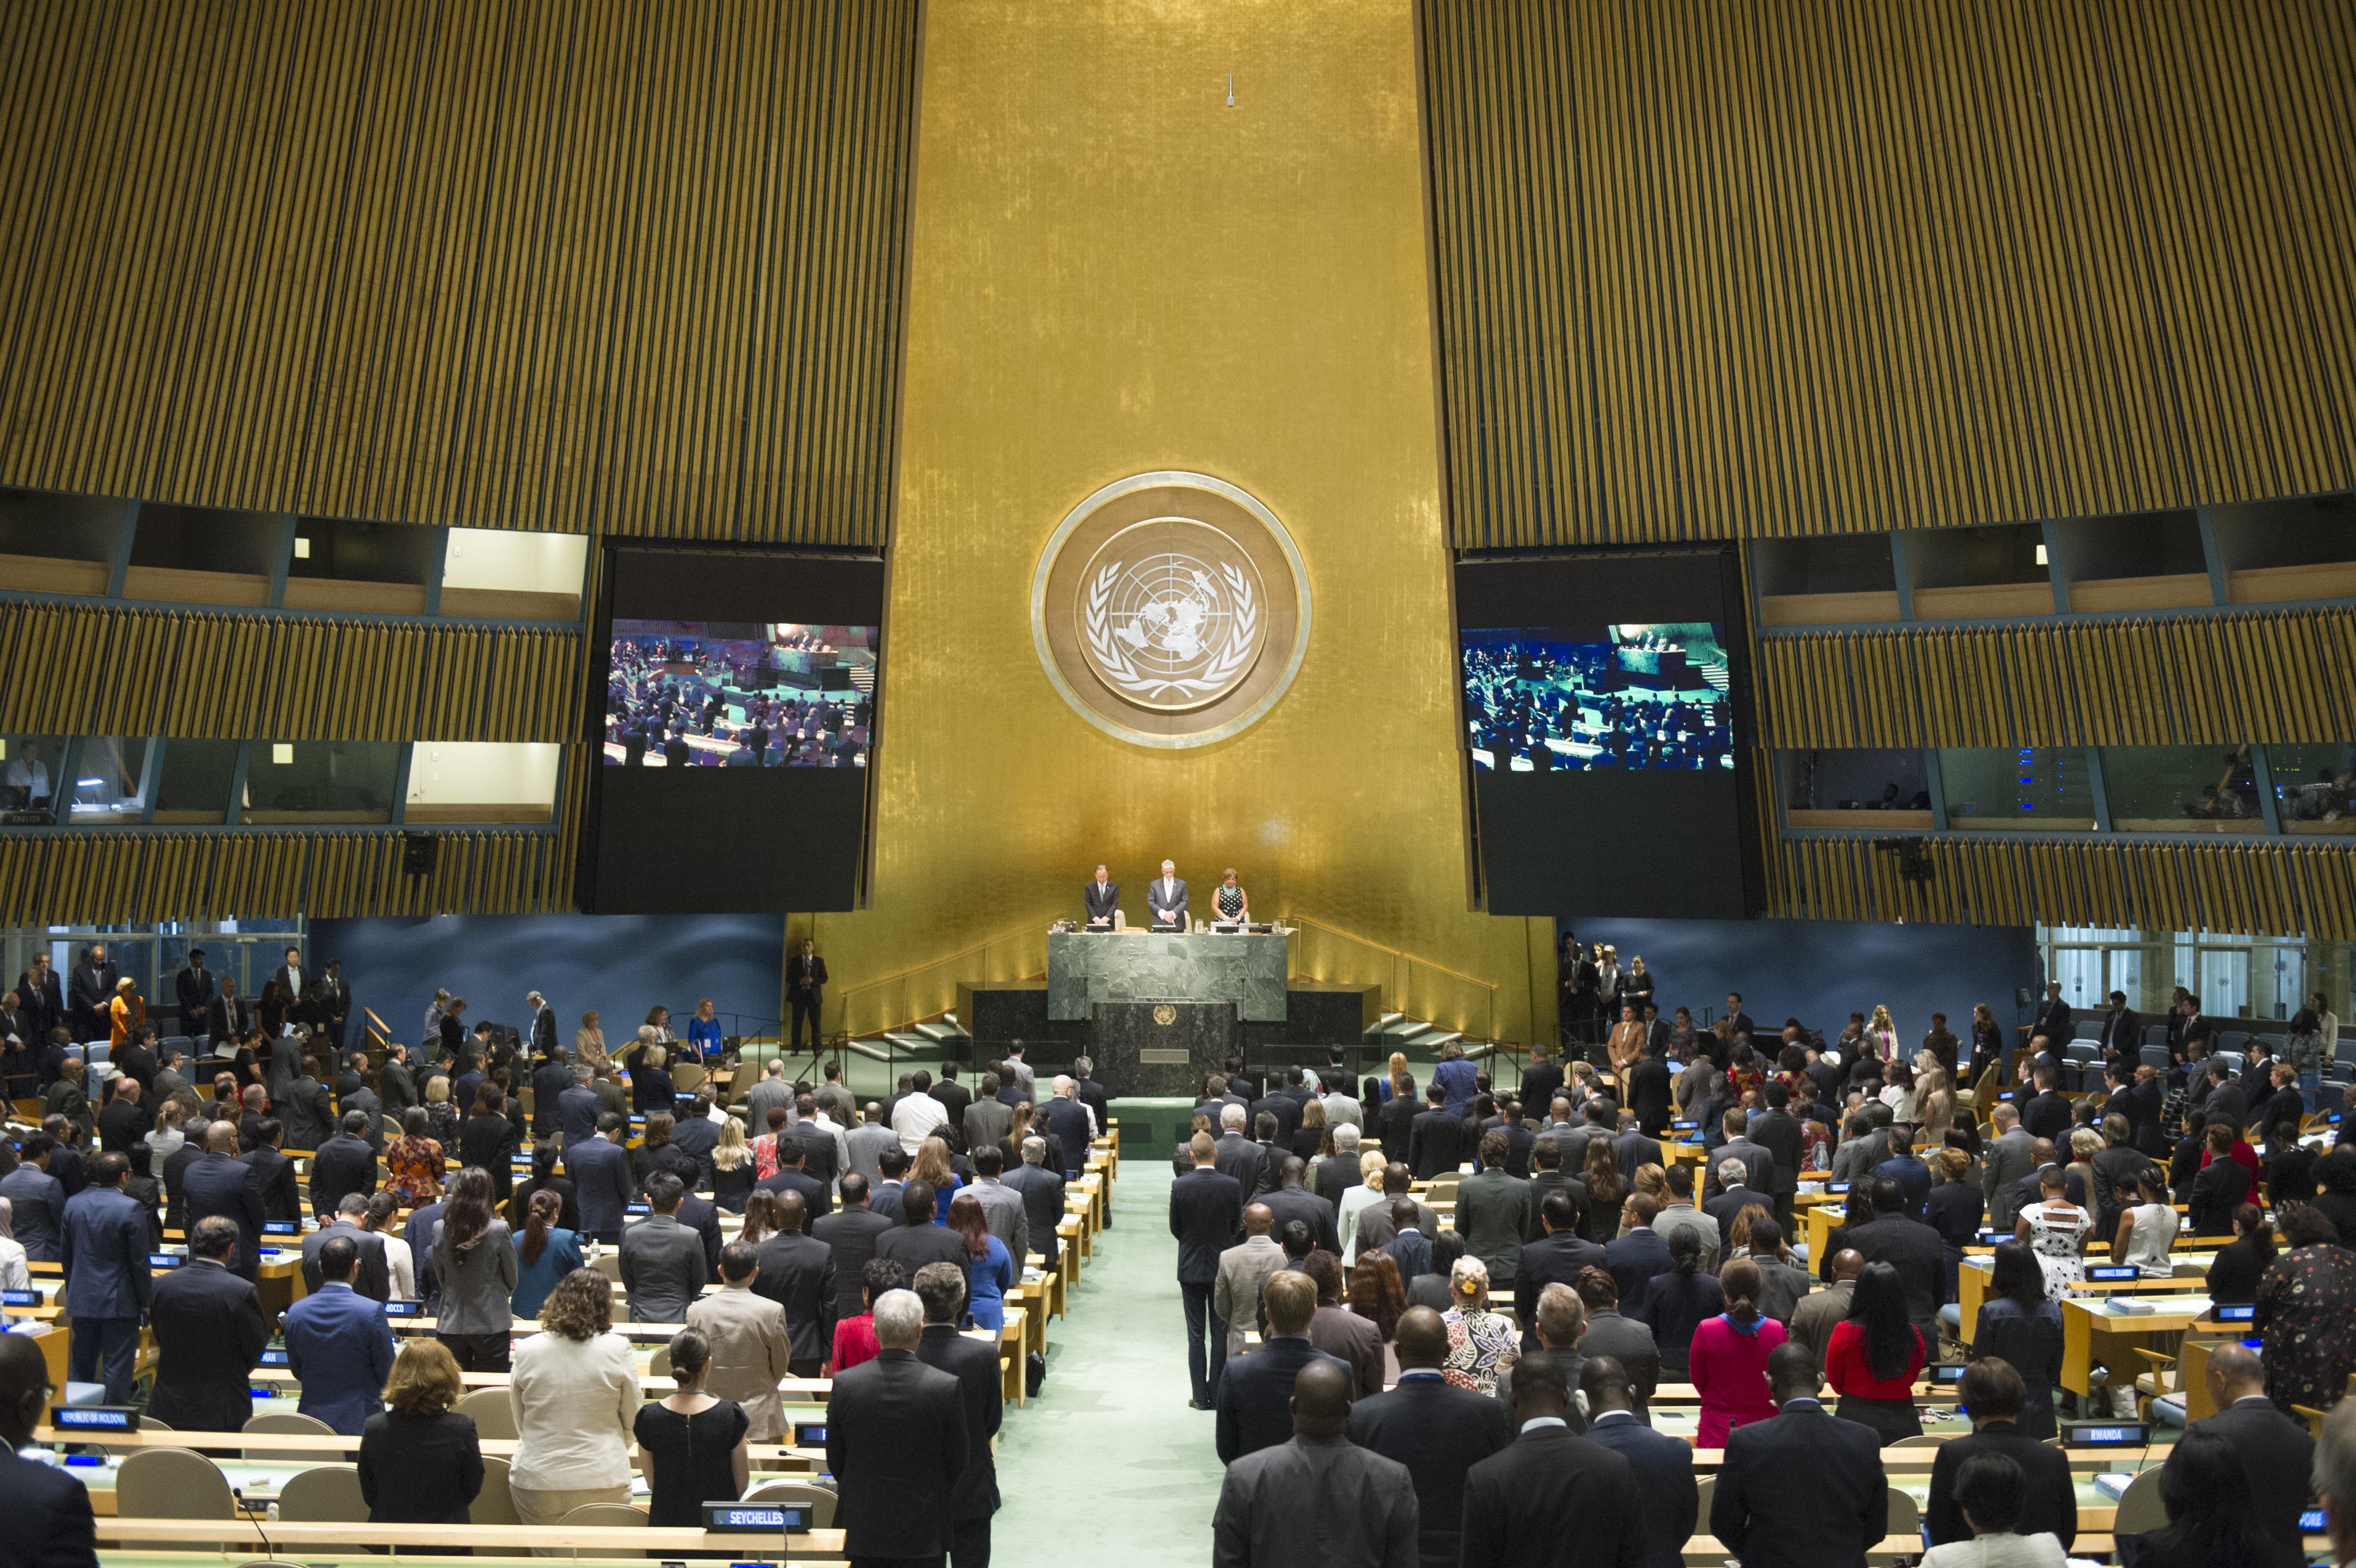 Invitation to Meditate at the UN